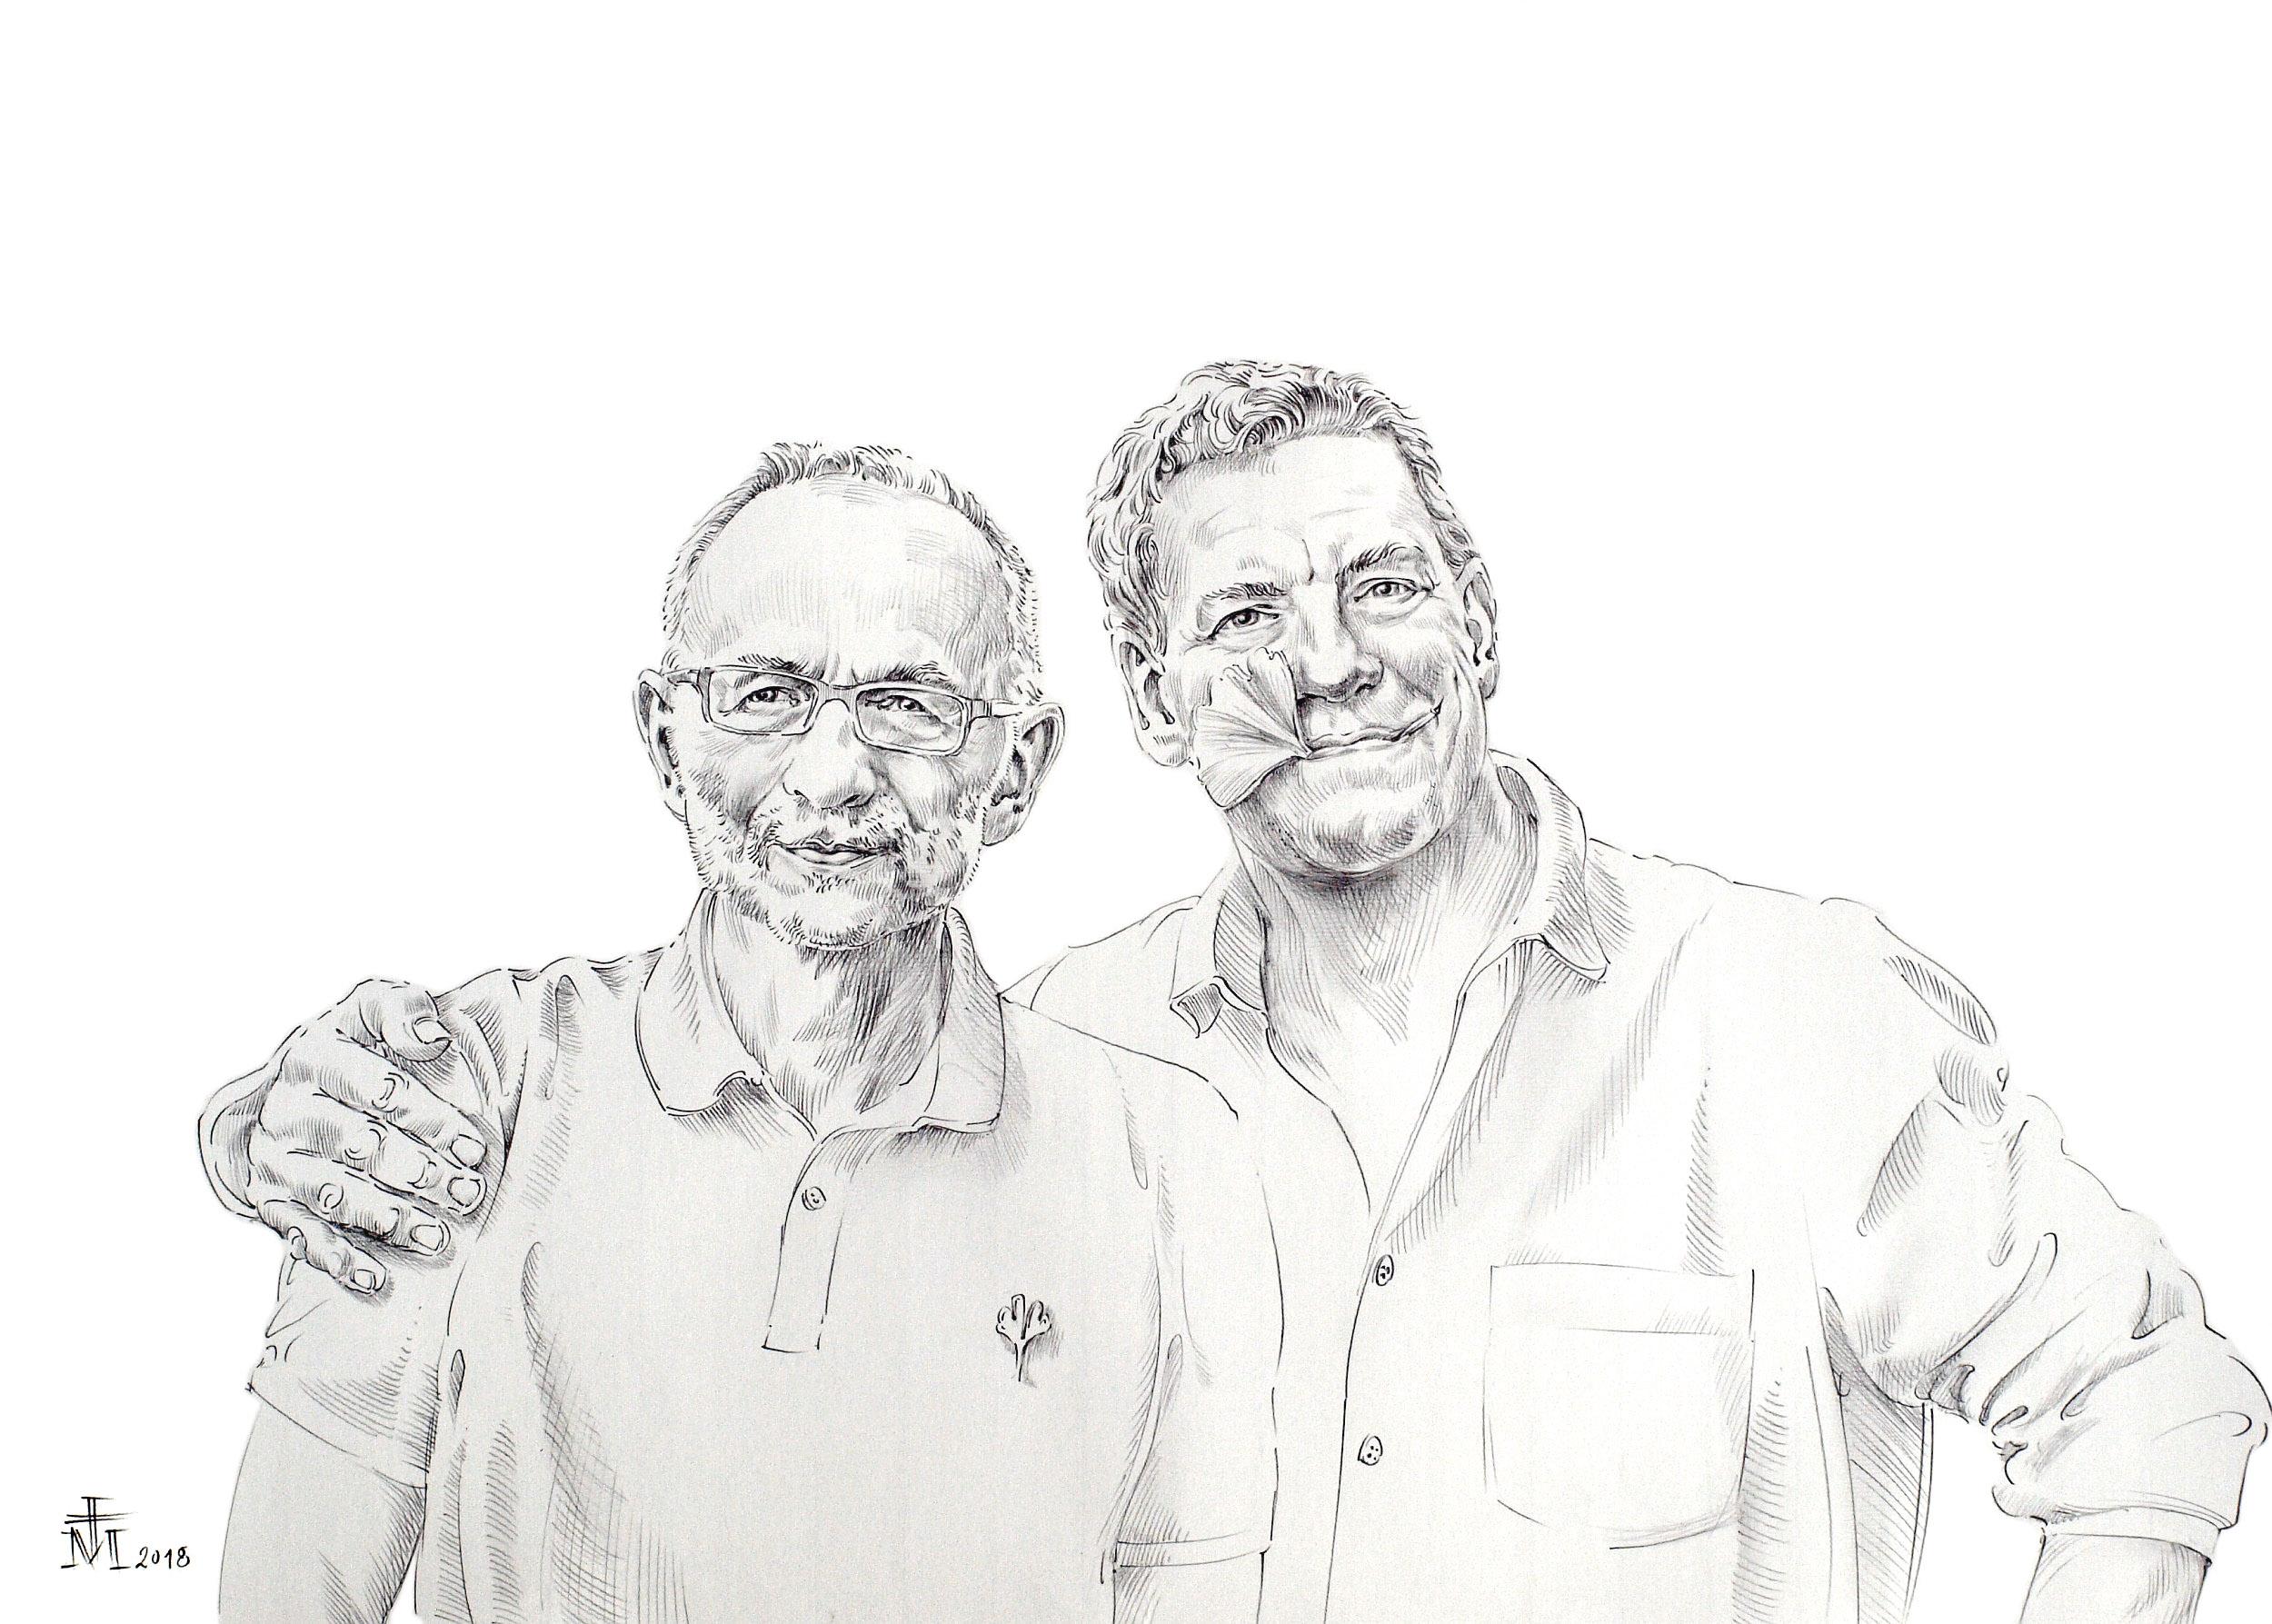 Das GründerDuo Friedhelm Kranz und Martin Bretschneider, mit Ginkgoblatt im Mund. Foto: Magnus Kleine-Tebbe